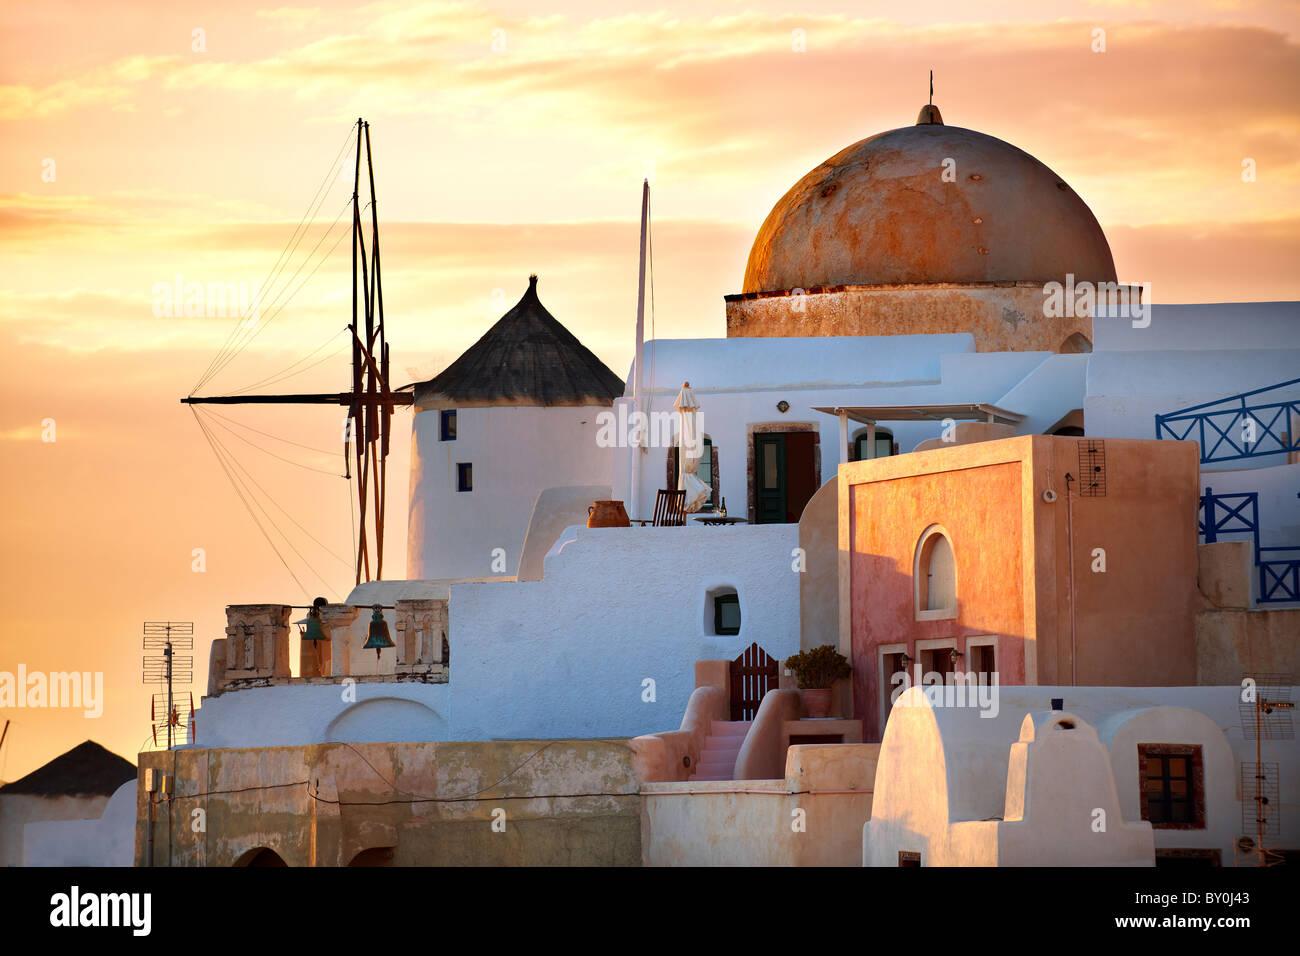 Oia (Ia) Santorini - Windmühlen und Stadt bei Sonnenuntergang, griechischen Kykladen-Inseln - Fotos, Bilder Stockbild